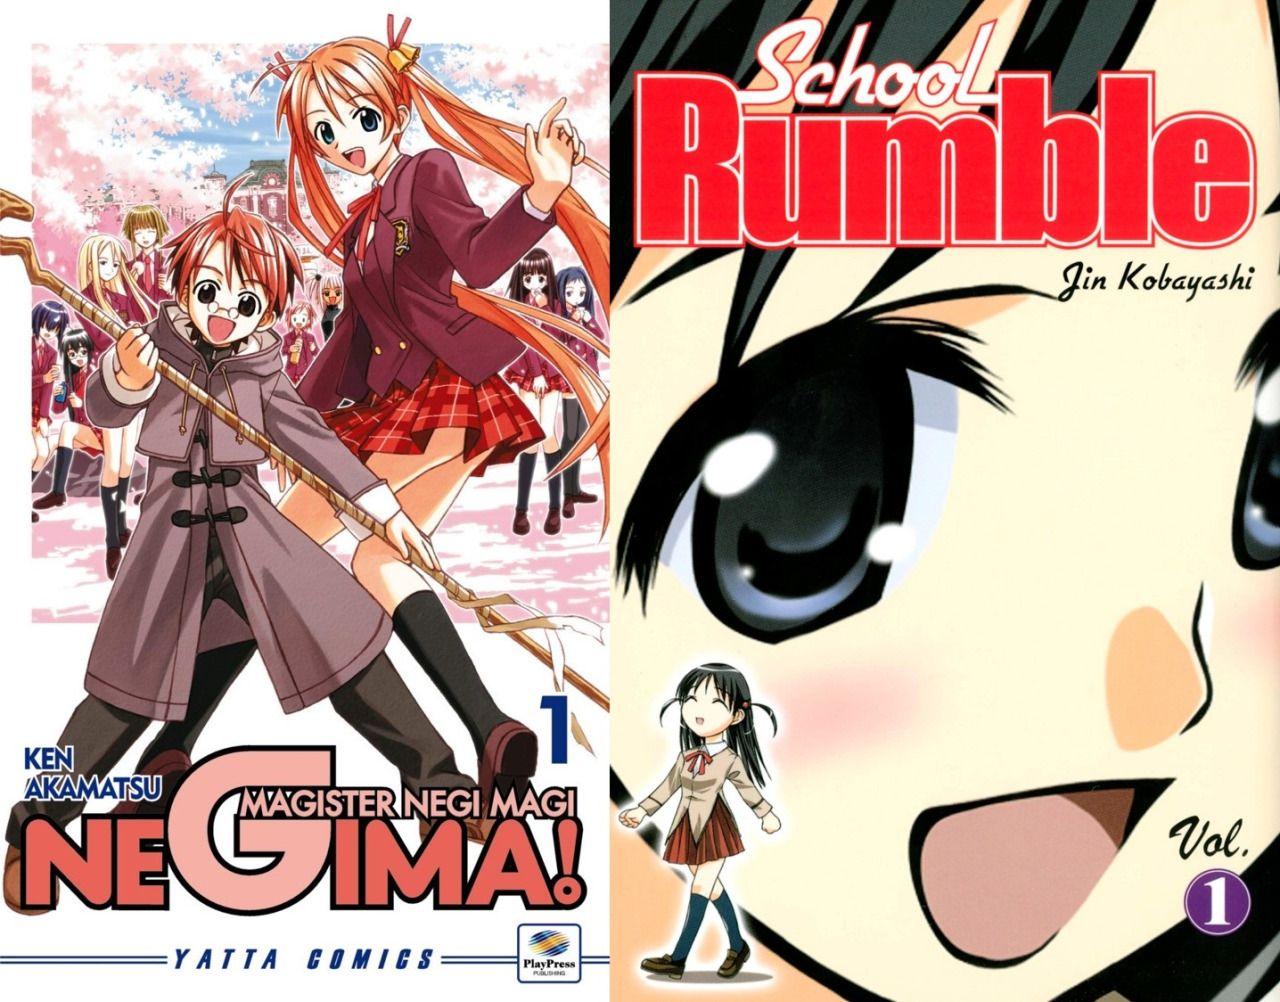 Mahou Sensei Negima! y School Rumble tendrán nuevos Manga one-shot el 15 de marzo.